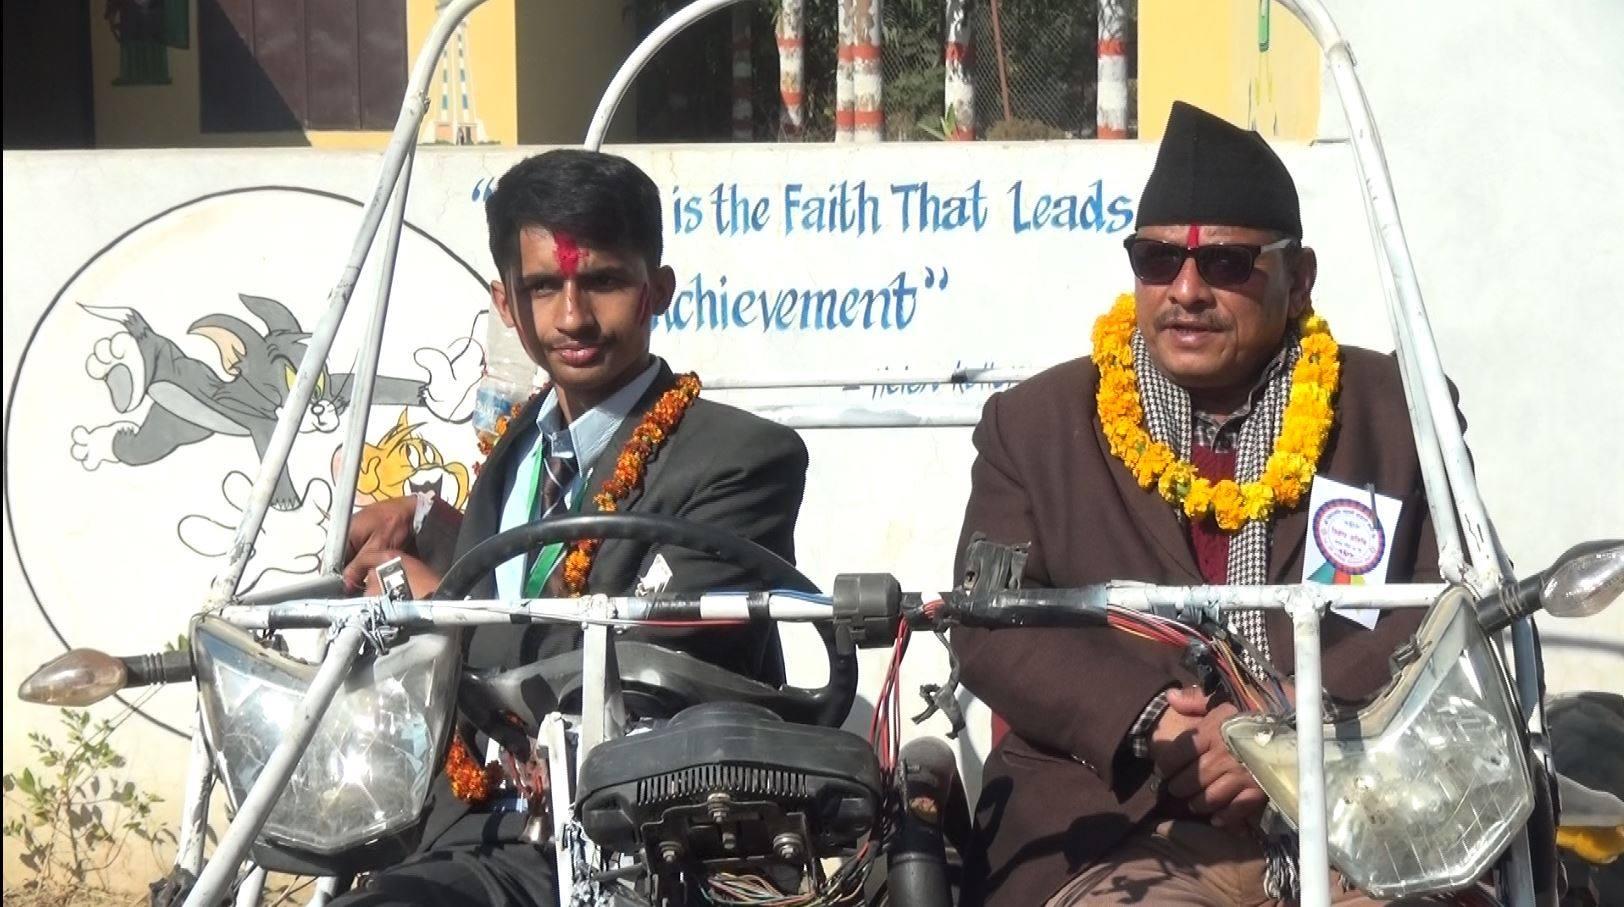 कक्षा १० का दर्पणले बनाए 'बग्गी कार', प्रदेश सांसद बने पहिलो यात्री